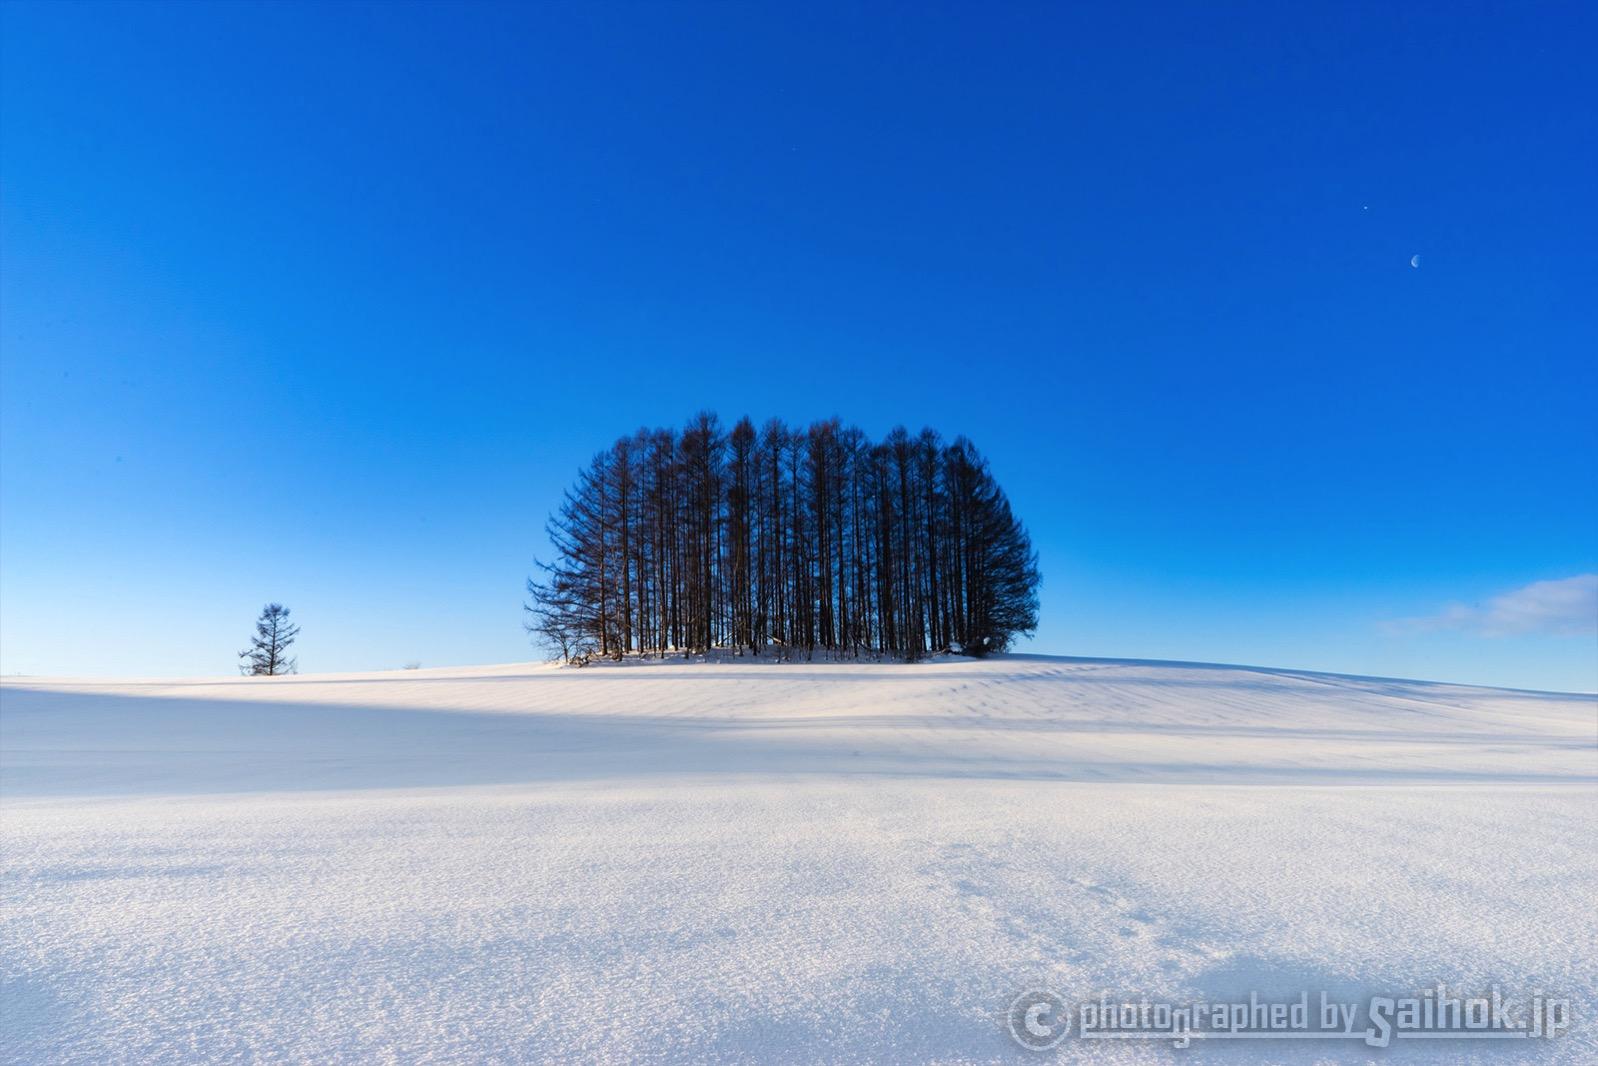 絶景に感動!北海道美瑛(びえい)の冬の観光スポットへGO ...